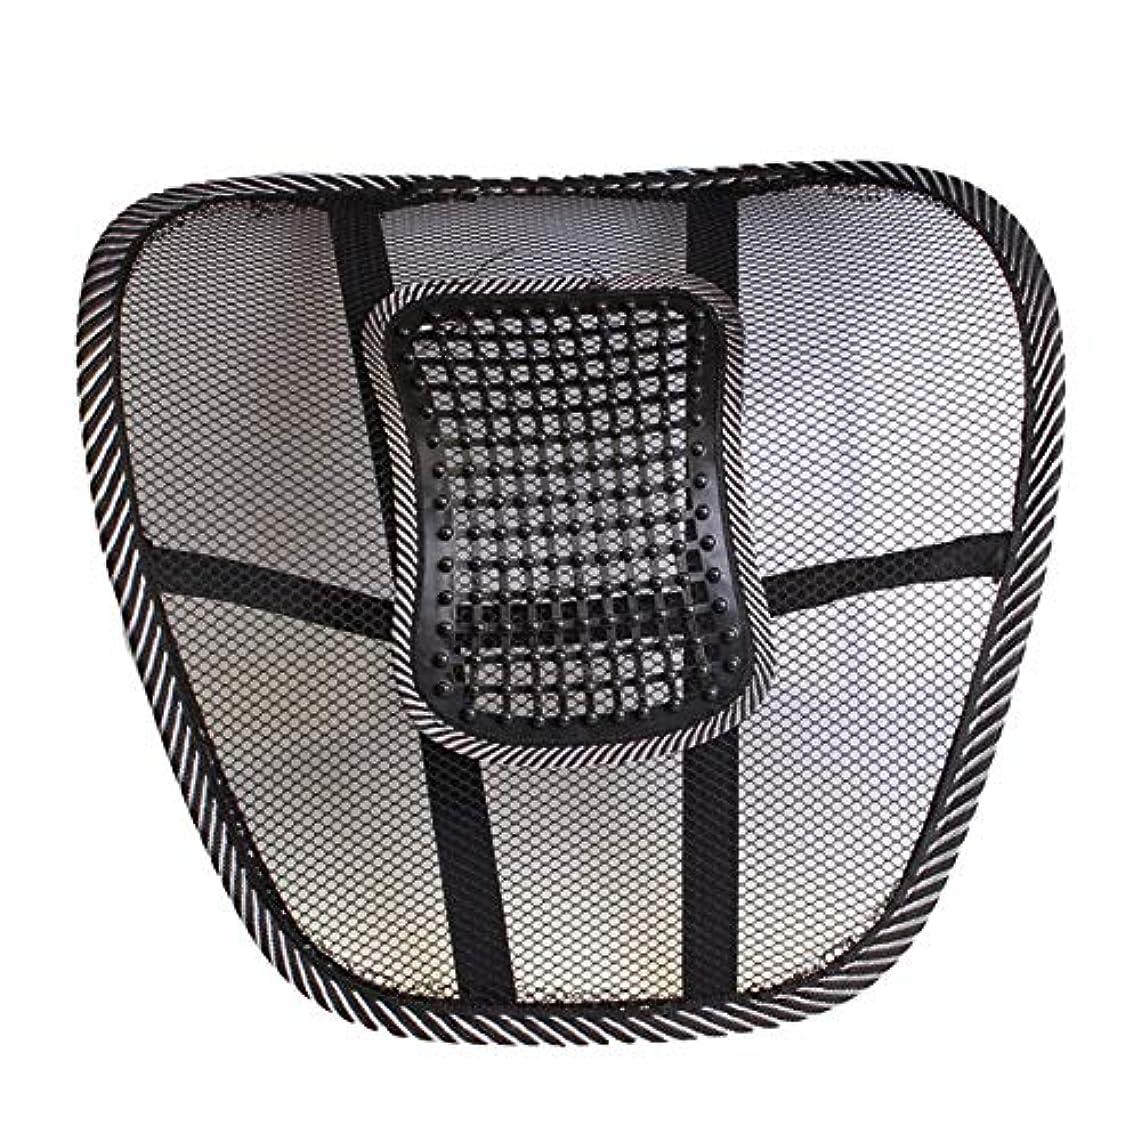 へこみサスティーン橋メッシュカバー付き腰椎サポートクッション腰痛緩和のためのバランスのとれた硬さ - 理想的なバックピロー